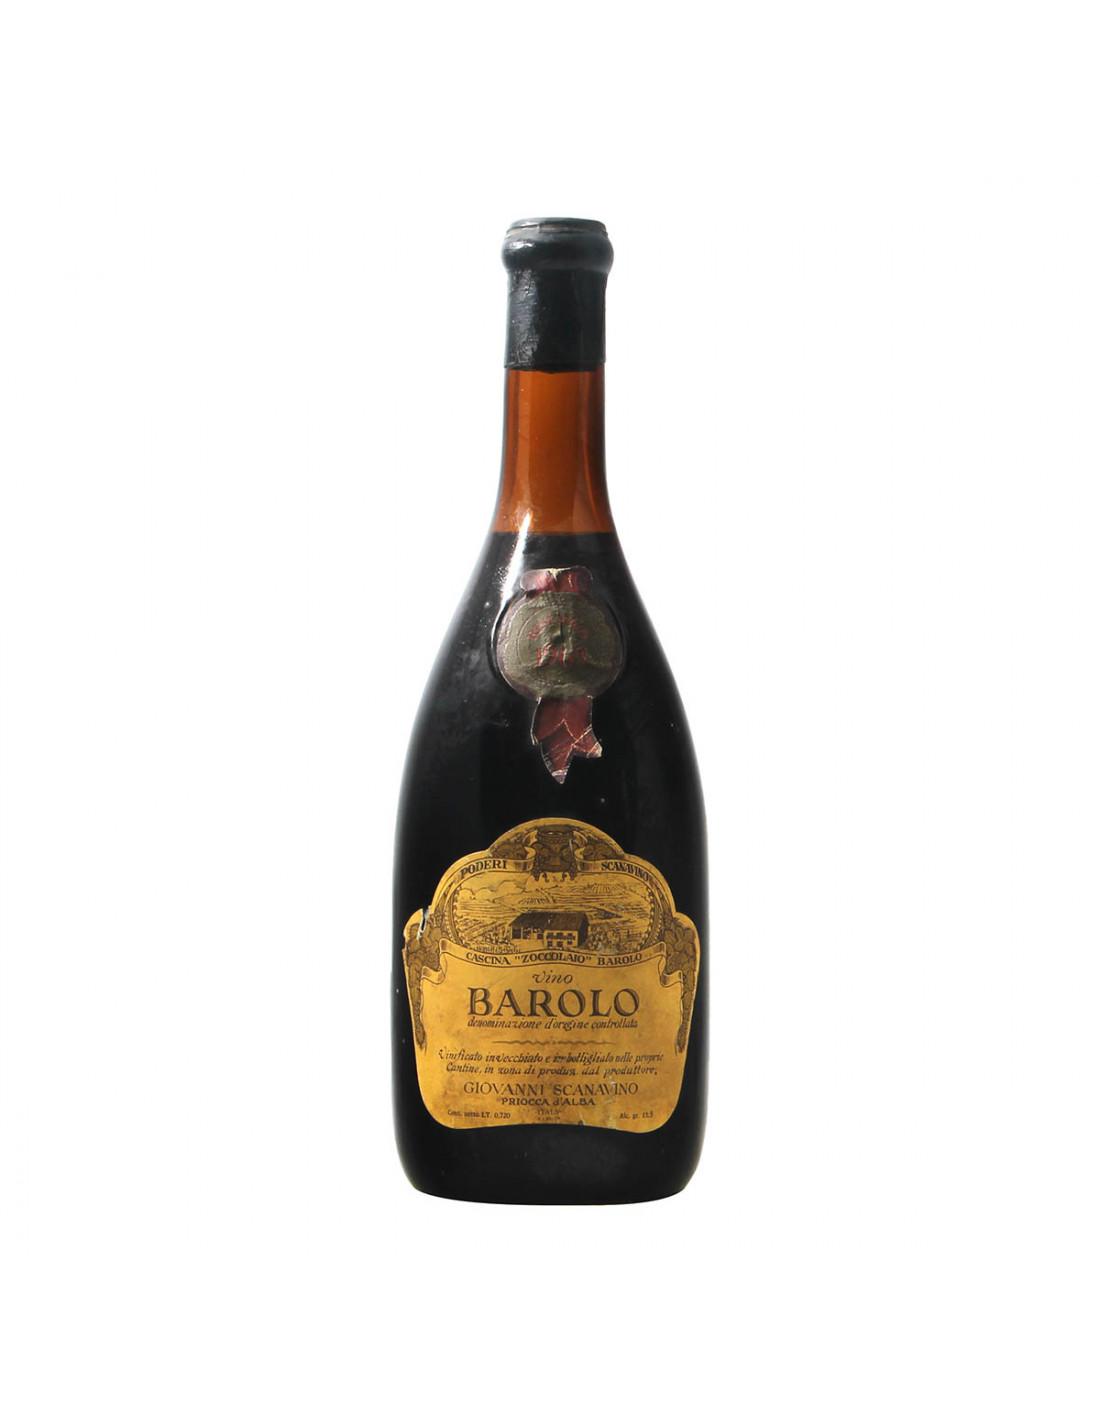 Scanavino Barolo Riserva 1969 Grandi Bottiglie